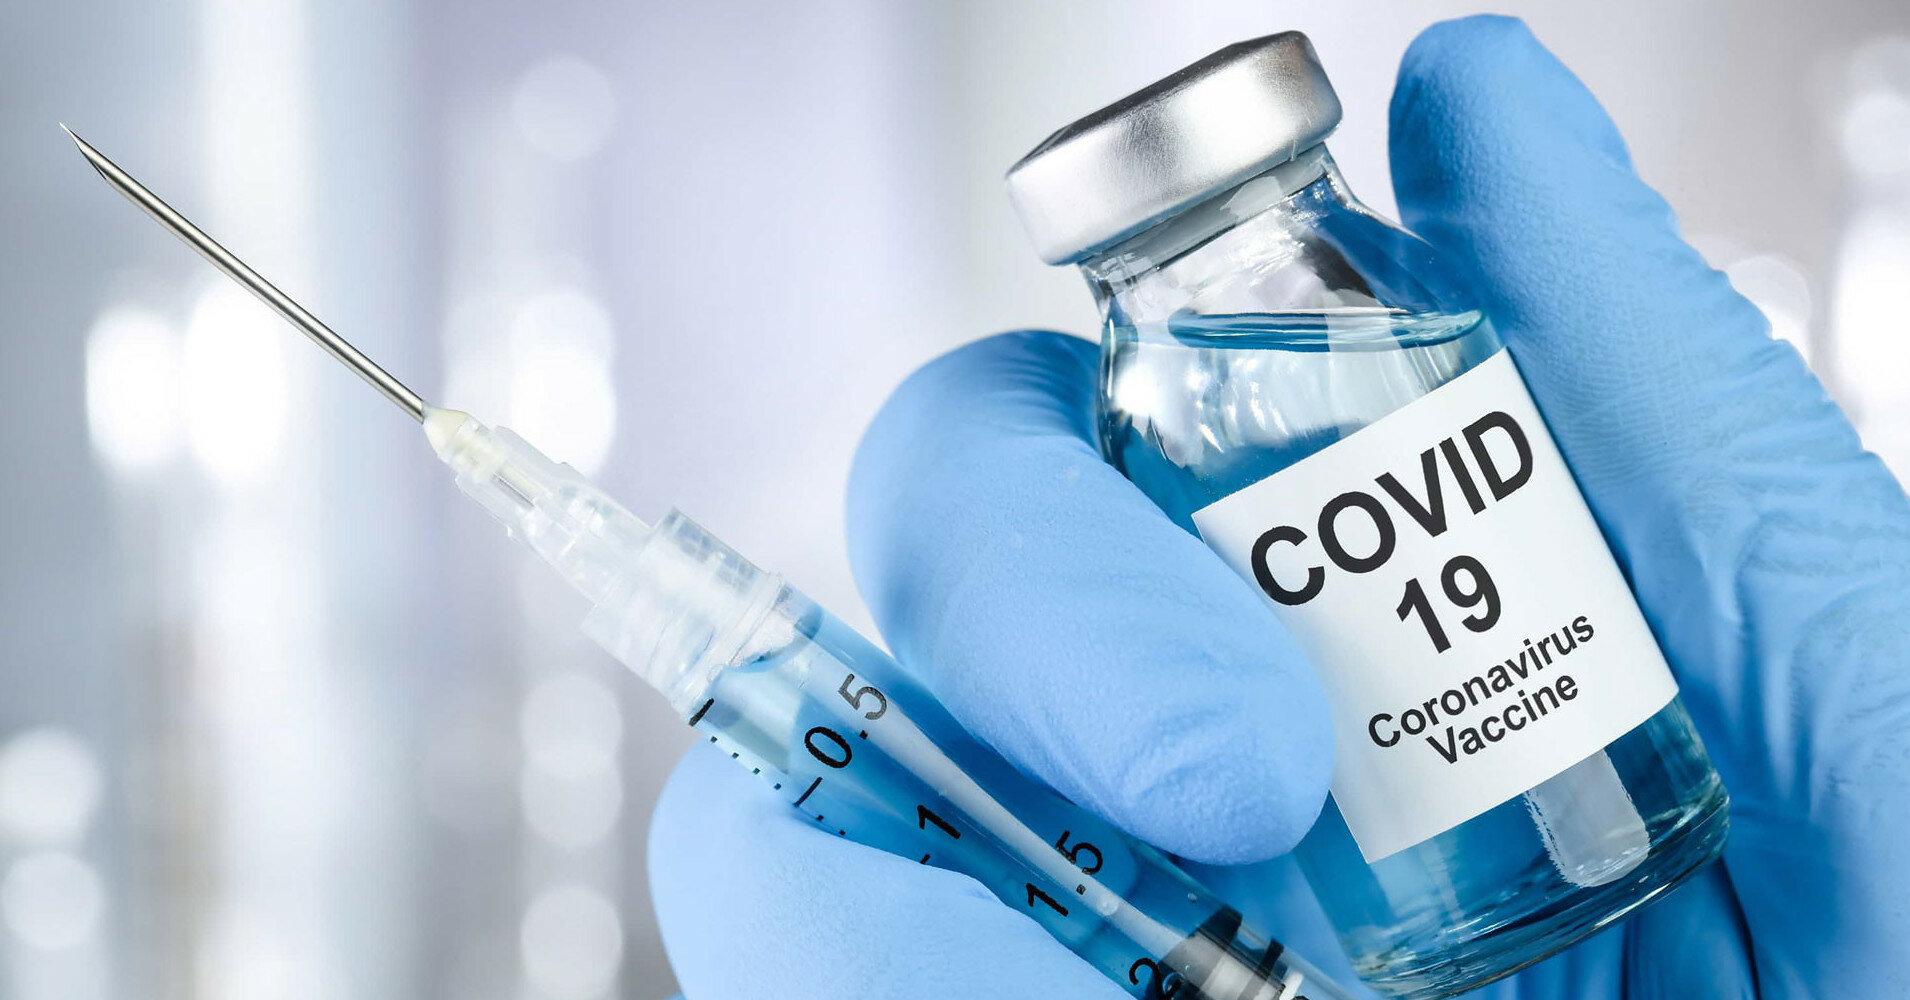 В ОАЭ туристам начали делать бесплатные прививки от COVID